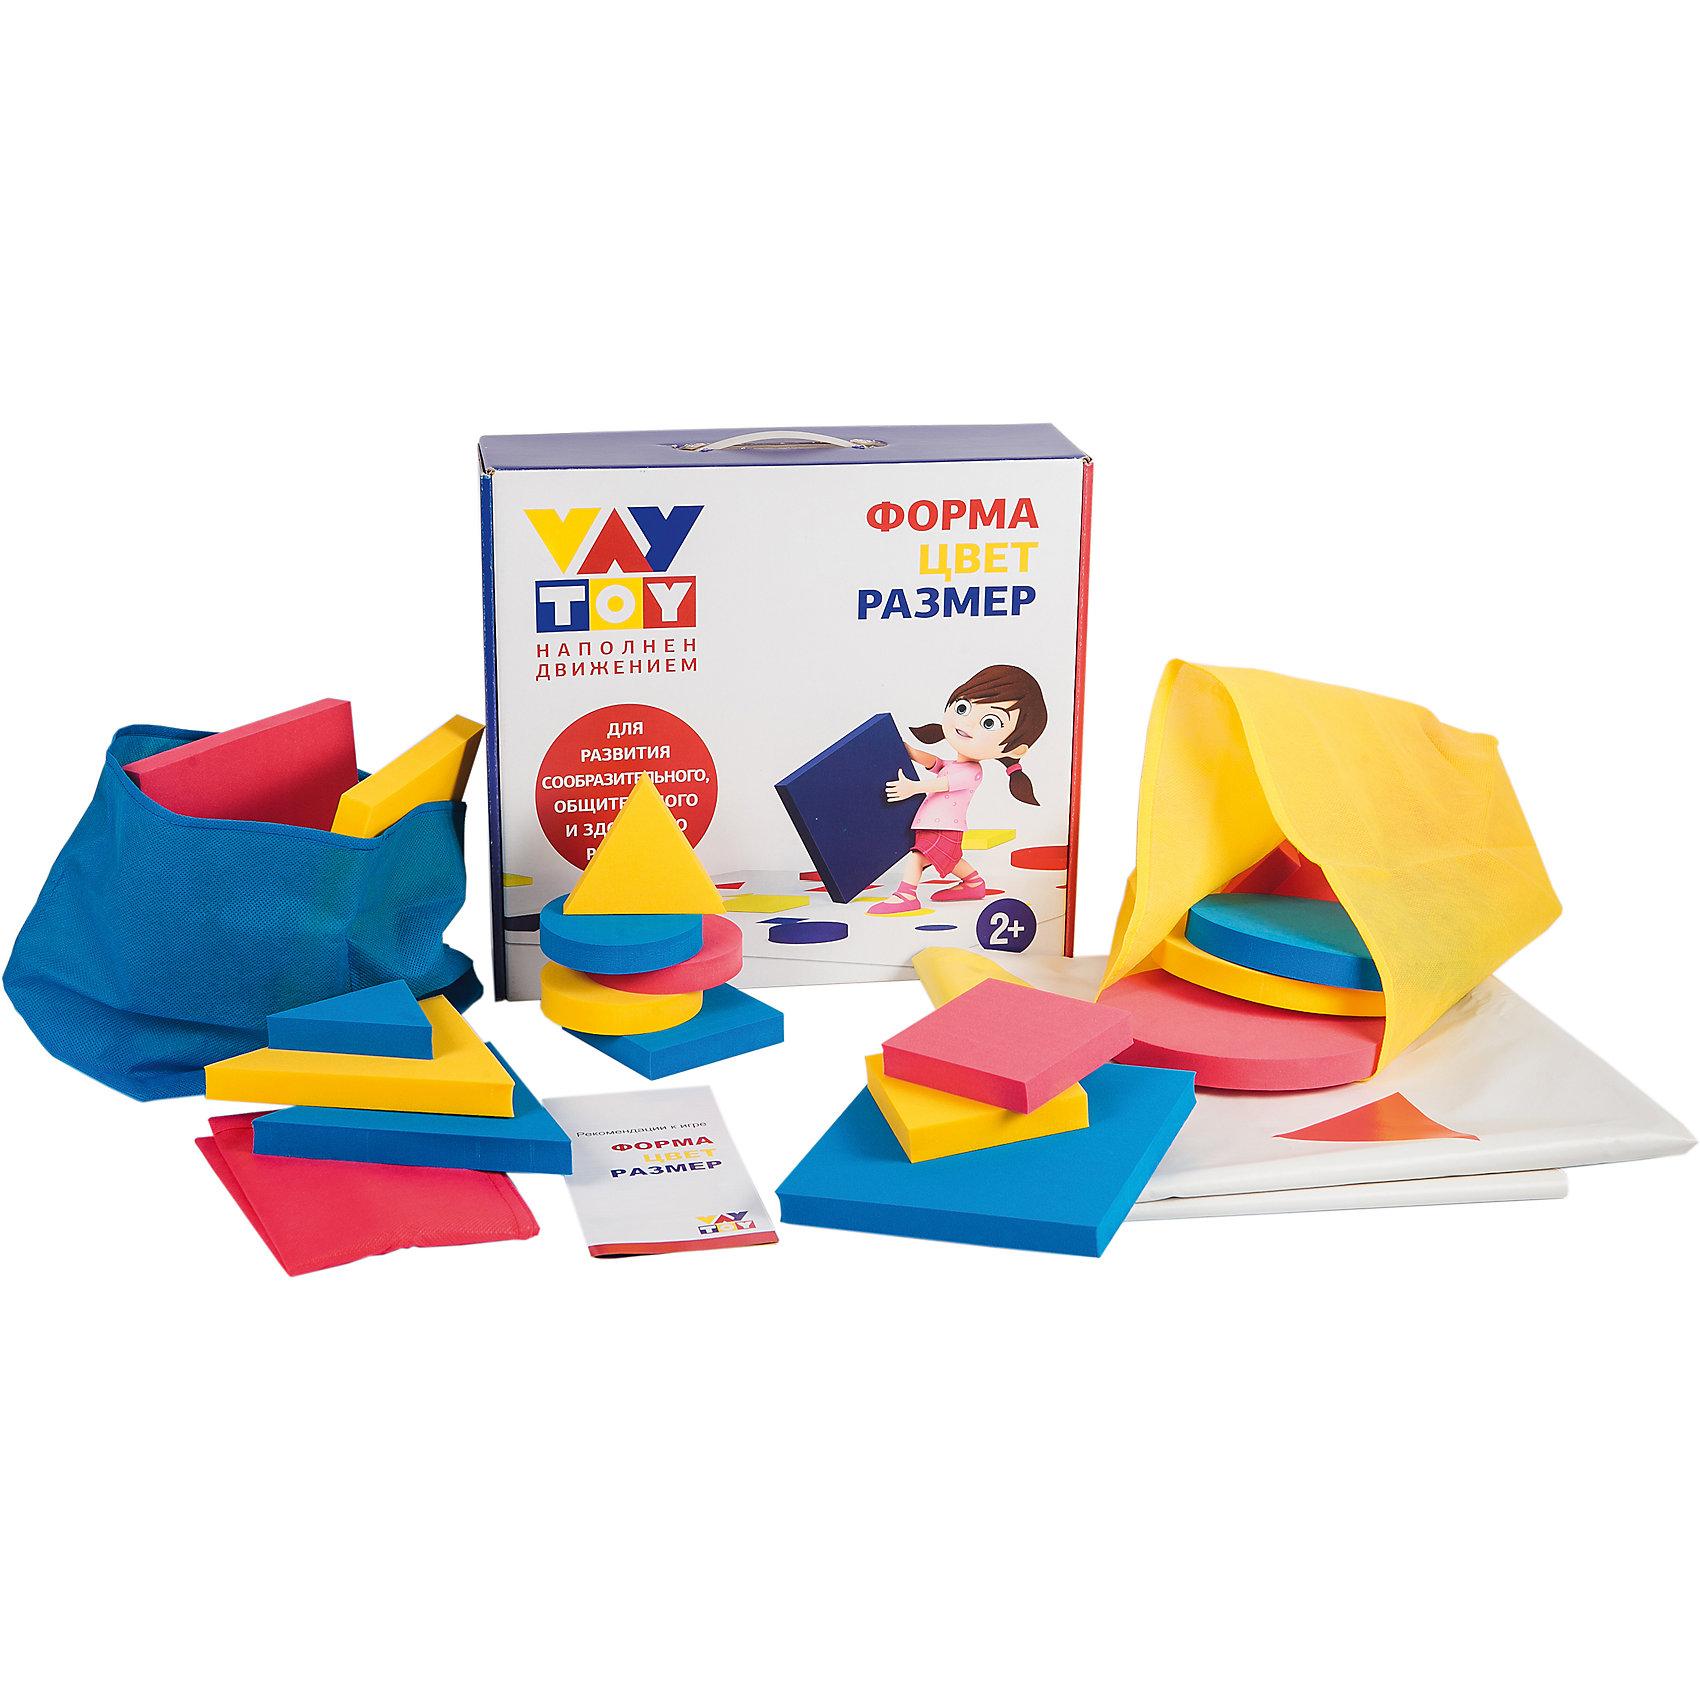 Развивающая игра Форма, цвет, размерМетодики раннего развития<br>Характеристики:<br><br>• Вид игр: обучающие, развивающие<br>• Серия: Развивающие игры<br>• Материал: картон, полимер<br>• Комплектация: игровое поле, 18 геометрических фигур, мешочки для фигур, брошюра с вариантами игр<br>• Тип упаковки: картонная коробка с ручкой<br>• Размеры упаковки (Д*Ш*В): 38*34,5*95 см<br>• Вес в упаковке: 1 кг 450 г<br>• Особенности ухода: допускается сухая и влажная чистка<br><br>Развивающая игра Форма, цвет, размер состоит из набора напольного игрового поля размером 1,5*1,4 м,  18 объемных геометрических фигур: круг, квадрат, треугольник, 3-х мешочков и пособия для родителей. В руководстве описаны 10 вариантов игр разной сложности, но если включить воображение и фантазию, то вариантов игр можно придумать огромное количество. Фигуры выполнены из яркого и безопасного полимера, имеют разные размеры и цвет. Их можно использовать и в качестве конструктора.<br><br>Развивающую игру Форма, цвет, размер можно купить в нашем интернет-магазине.<br><br>Ширина мм: 380<br>Глубина мм: 345<br>Высота мм: 950<br>Вес г: 1450<br>Возраст от месяцев: 36<br>Возраст до месяцев: 2147483647<br>Пол: Унисекс<br>Возраст: Детский<br>SKU: 5523188